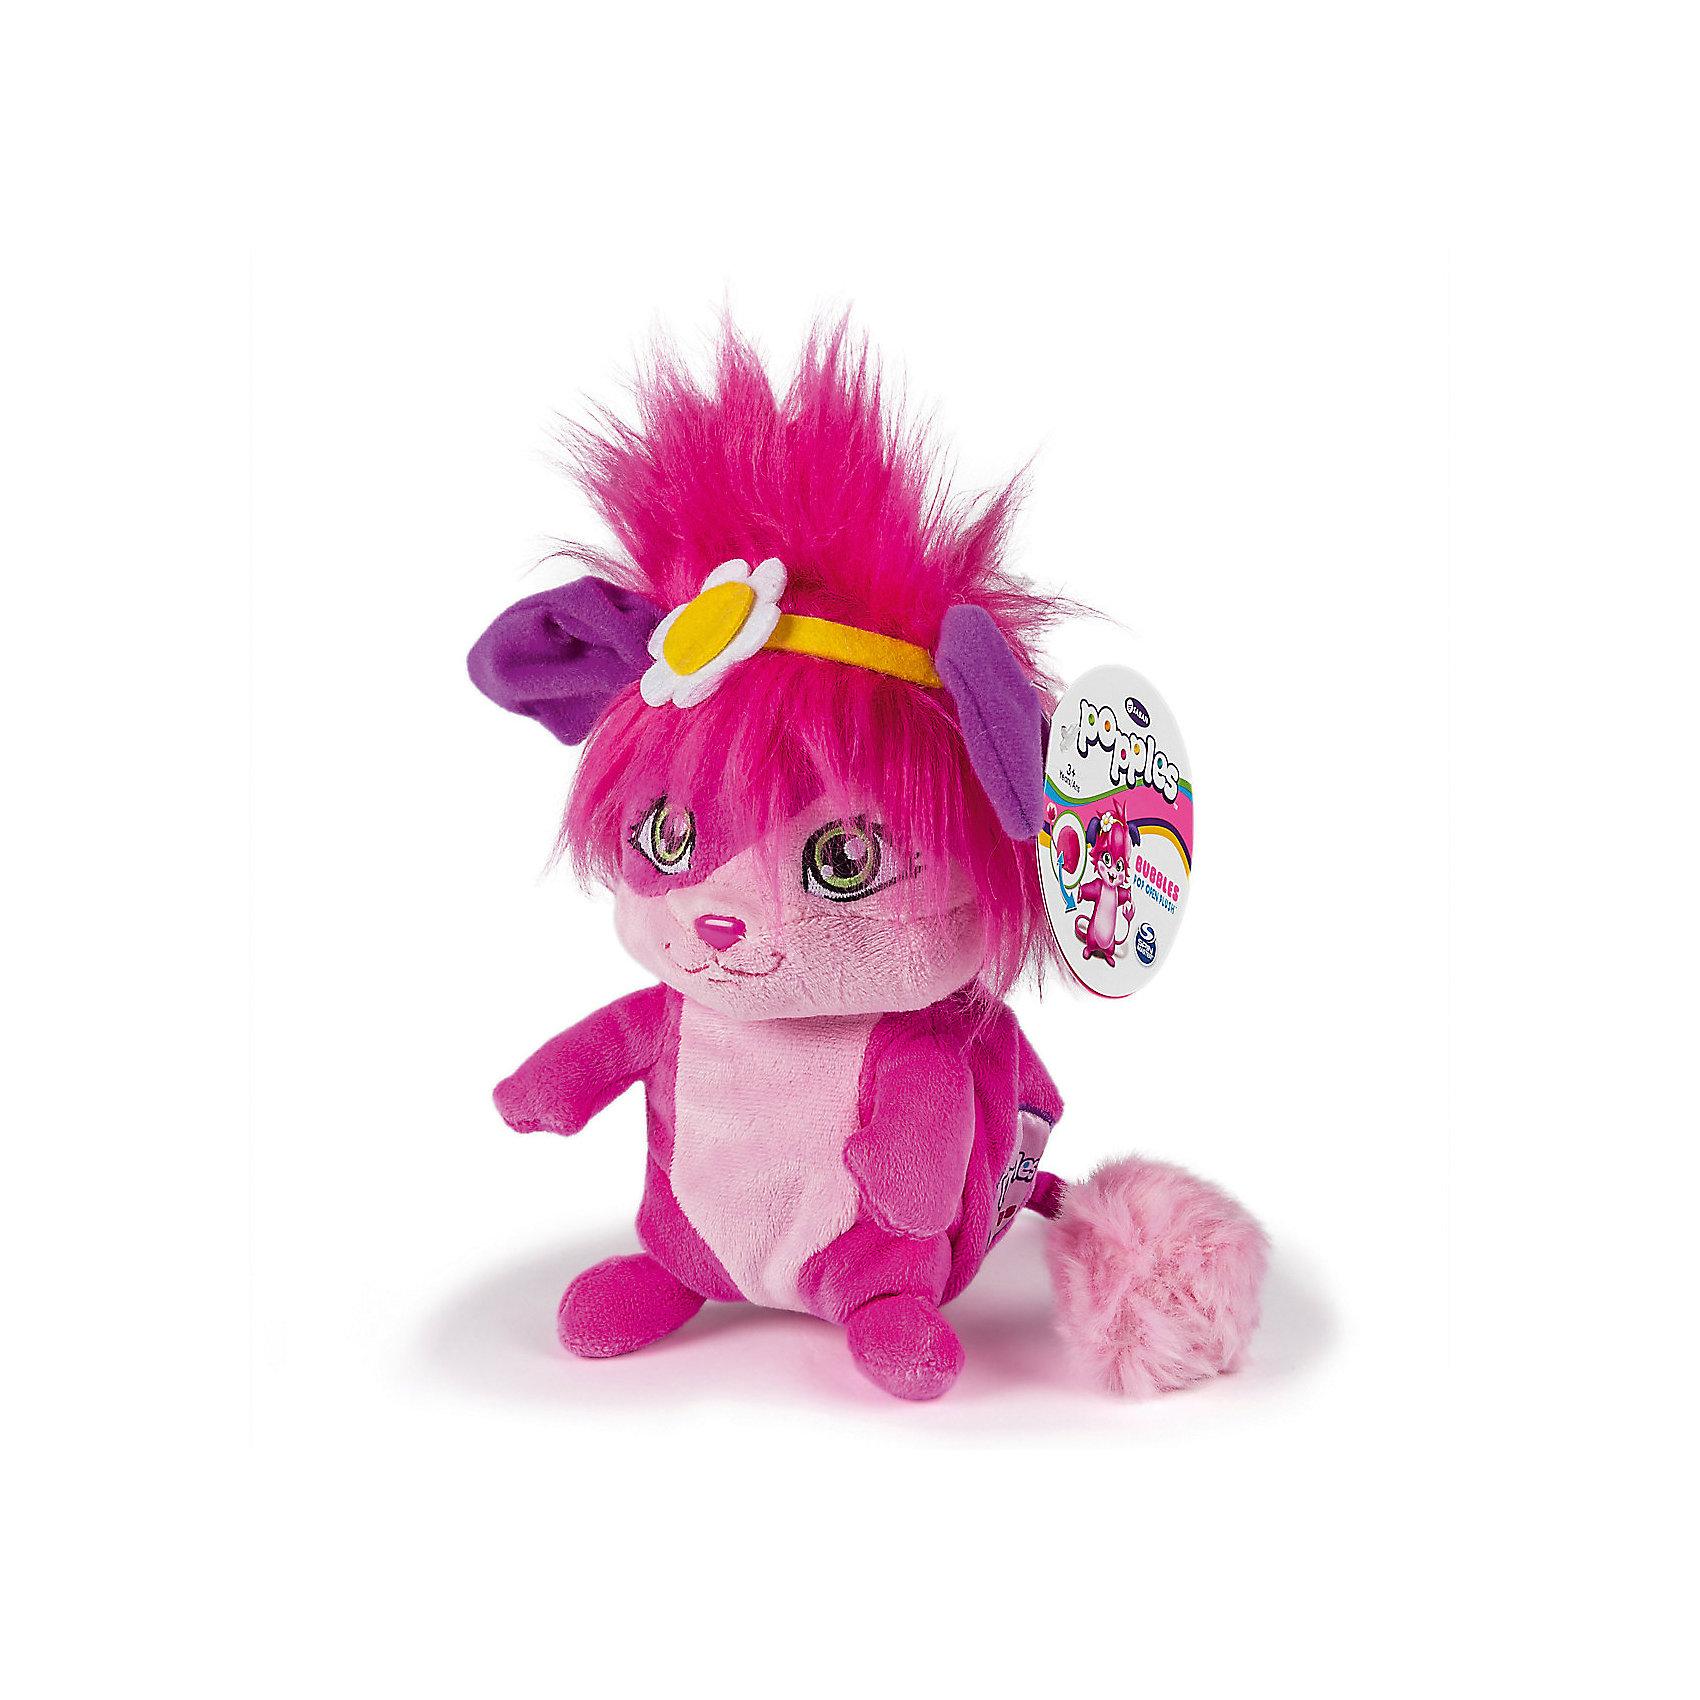 Мягкая игрушка Баблис, 28см, сворачивается в шар, PopplesЛюбимые герои<br>Мягкая игрушка Баблис, 28 см, сворачивается в шар, Popples<br><br>Характеристика:<br><br>-Возраст: от 4 лет<br>-Для девочек <br>-Цвет: розовый <br>-Материал: плюш<br>-Размер: 28 см<br>-Марка: Popples<br><br>Мягкая игрушка Popples - это уникальная мягкая игрушка для детей. Игрушка по имени Баблис яркая и веселая. Самое интересное то, что она имеет небольшой кармашек, что позволяет превратить игрушку в небольшой шар. Игрушку можно легко свернуть в небольшой плюшевый шарик, а затем вернуть ей привычную форму! <br><br>Мягкая игрушка Баблис, 28 см, сворачивается в шар, Popples можно приобрести в нашем интернет-магазине.<br><br>Ширина мм: 130<br>Глубина мм: 300<br>Высота мм: 200<br>Вес г: 750<br>Возраст от месяцев: 36<br>Возраст до месяцев: 2147483647<br>Пол: Женский<br>Возраст: Детский<br>SKU: 5301646